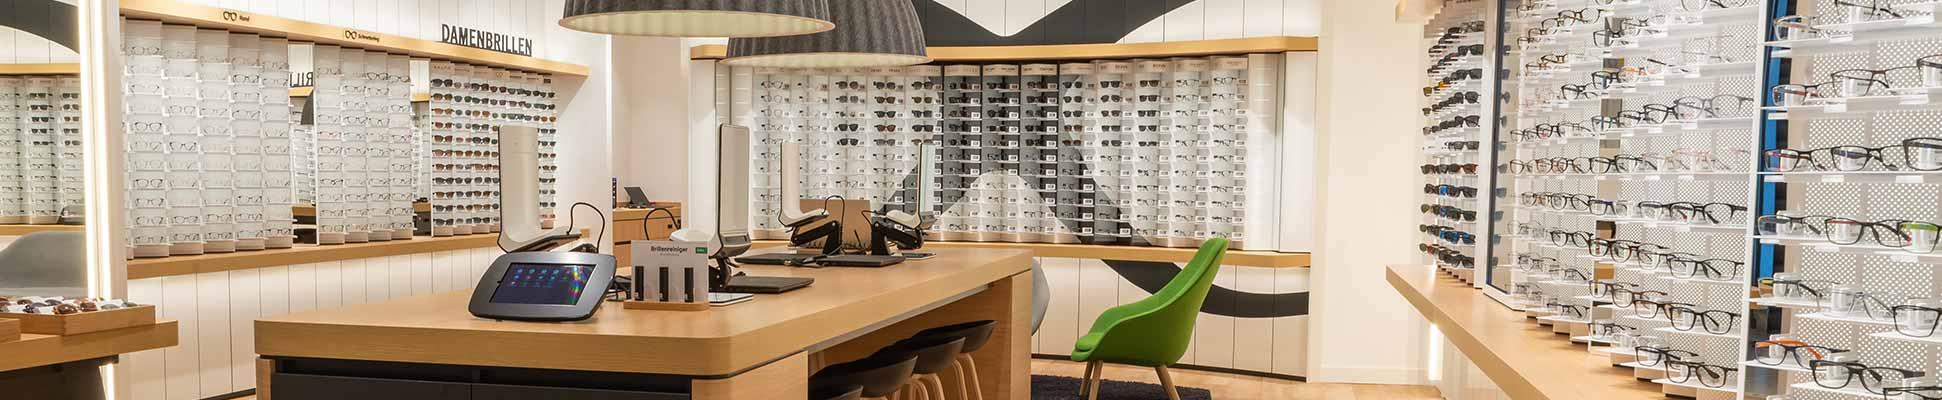 Mister Spex Optiker Saarbrucken Europa Galerie